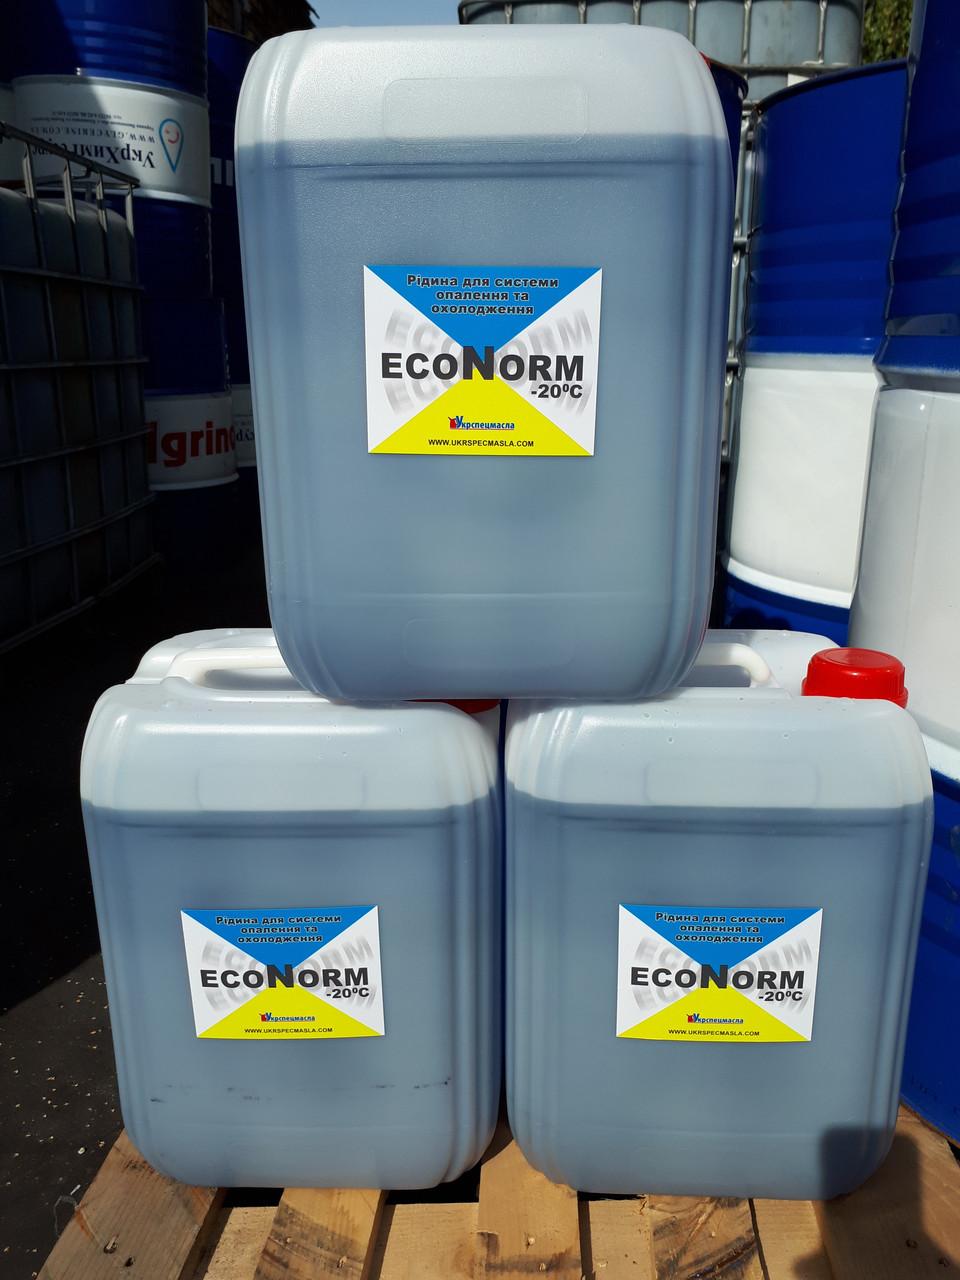 Теплоноситель для систем отопления Econorm -20C, бытовой антифриз Эконорм